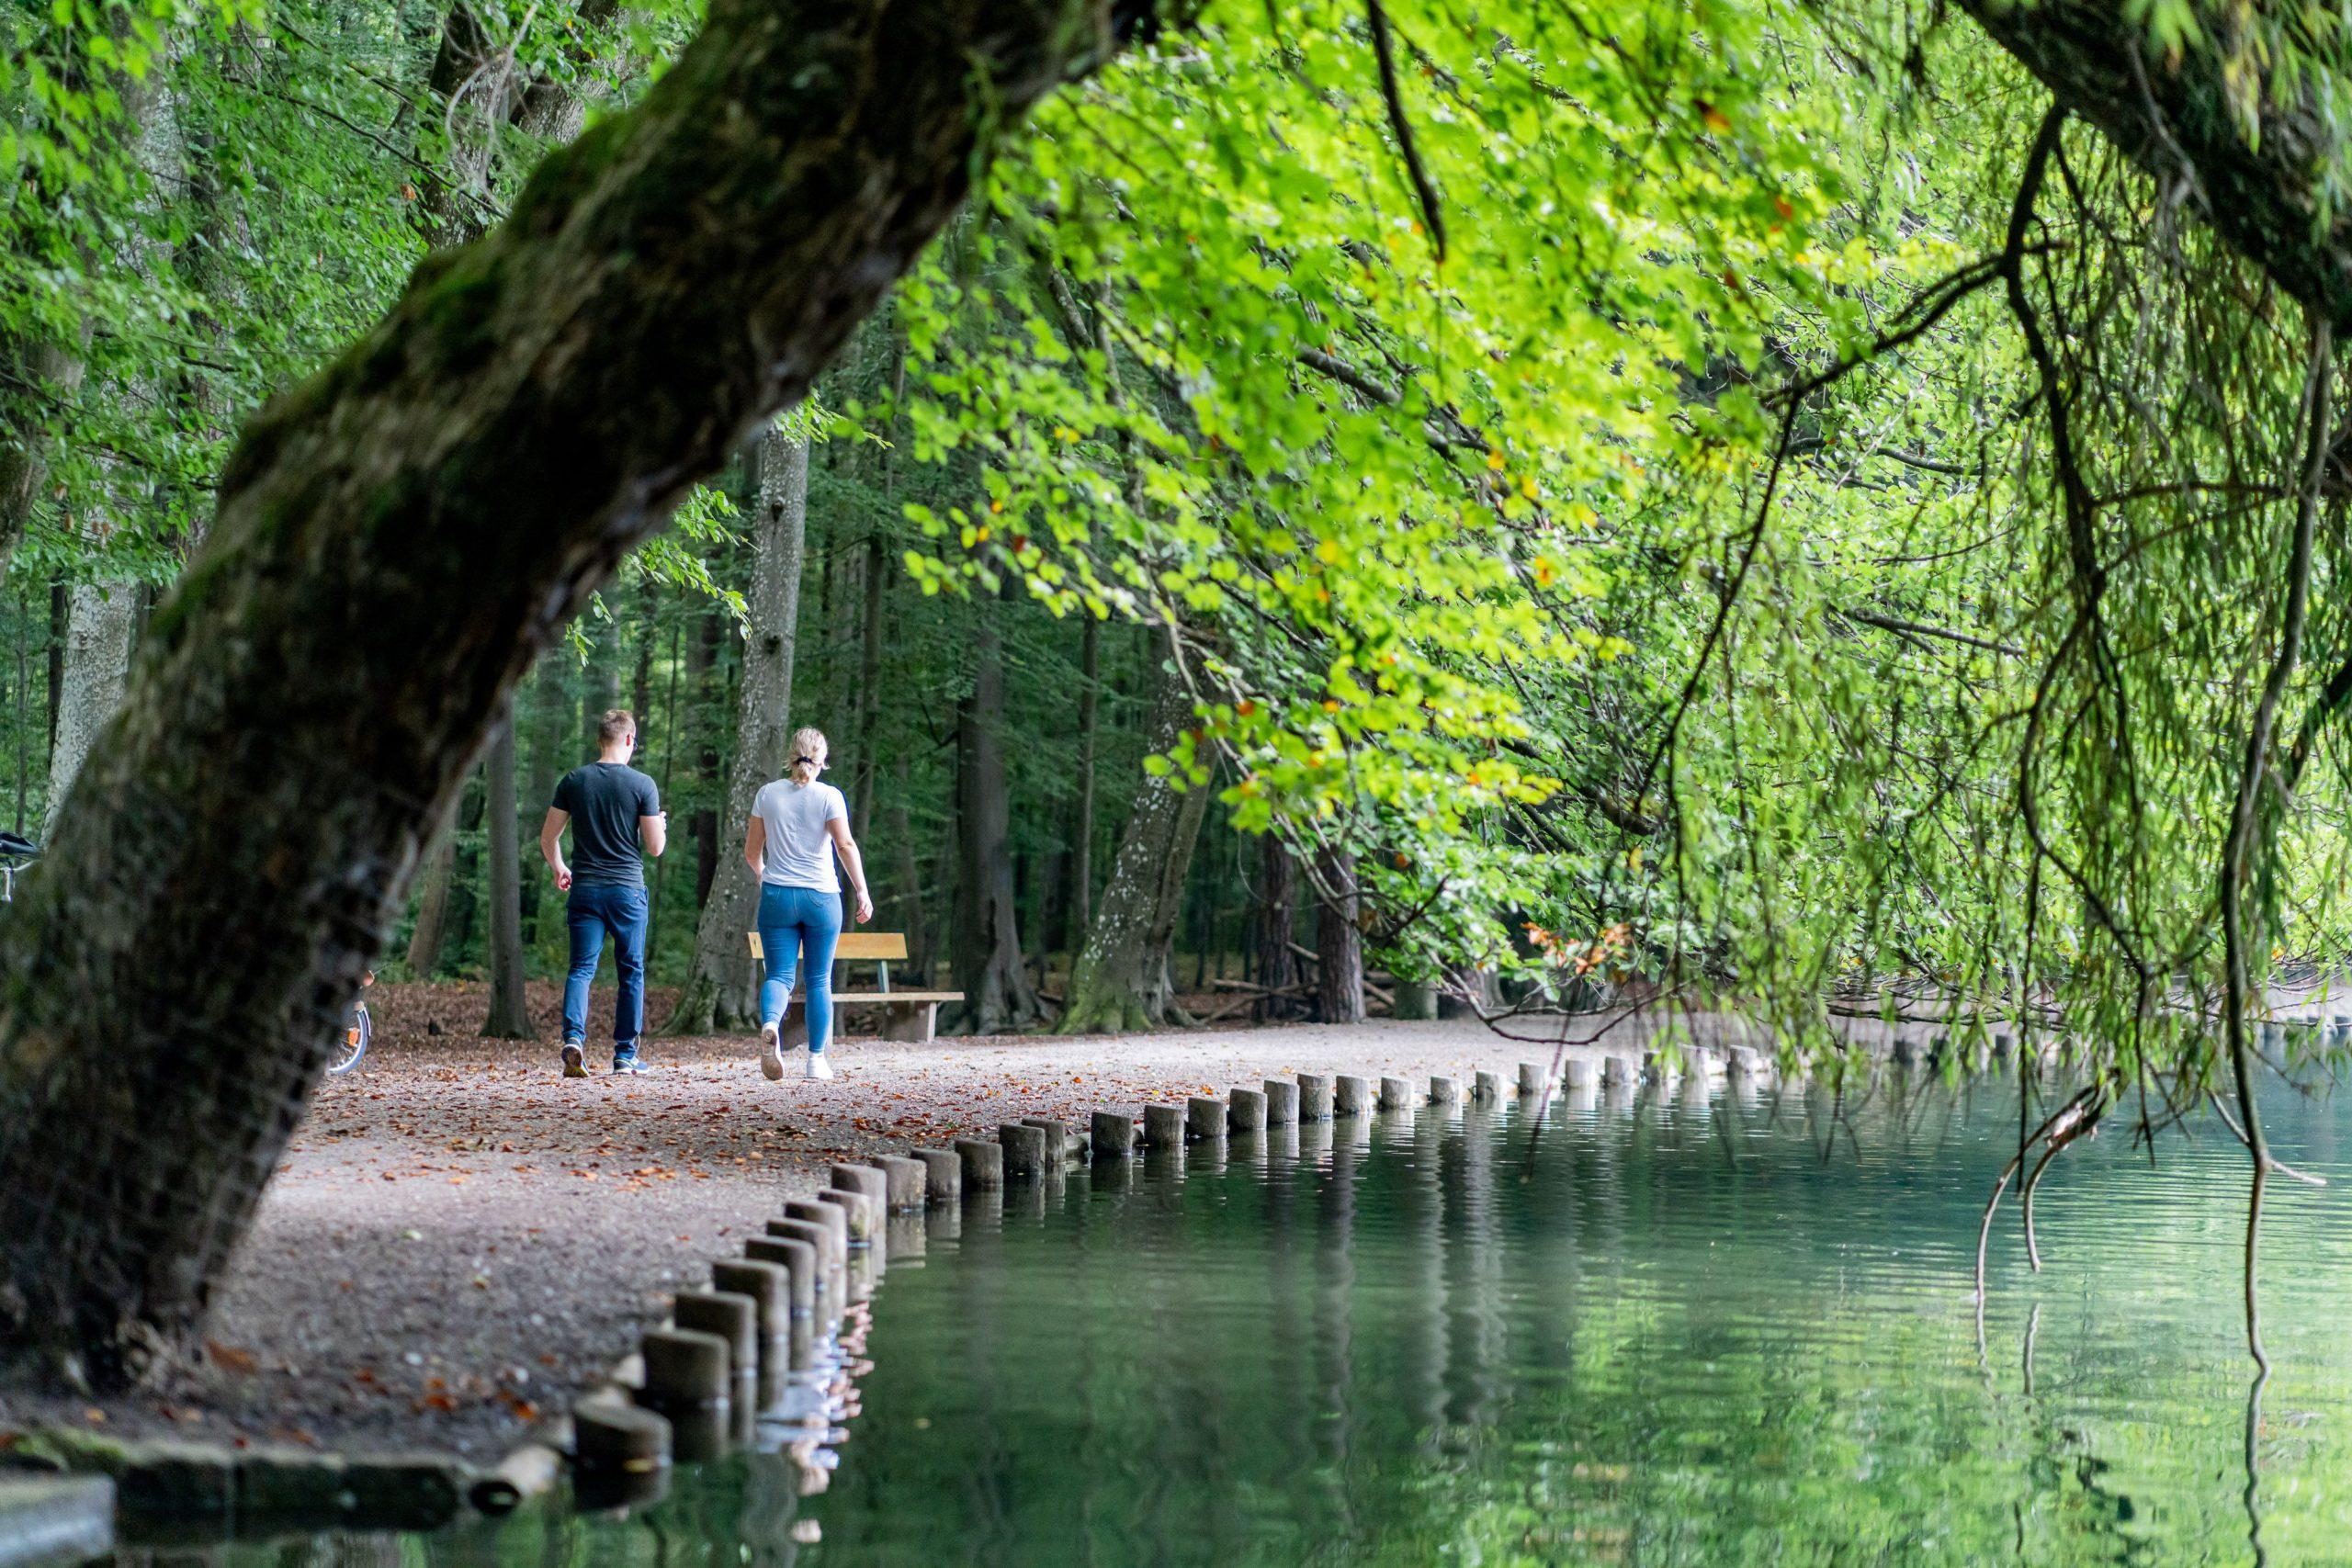 Am Stempflesee im Augsburger Siebentischwald, der nördliche Teil des Augsburger Stadtwalds